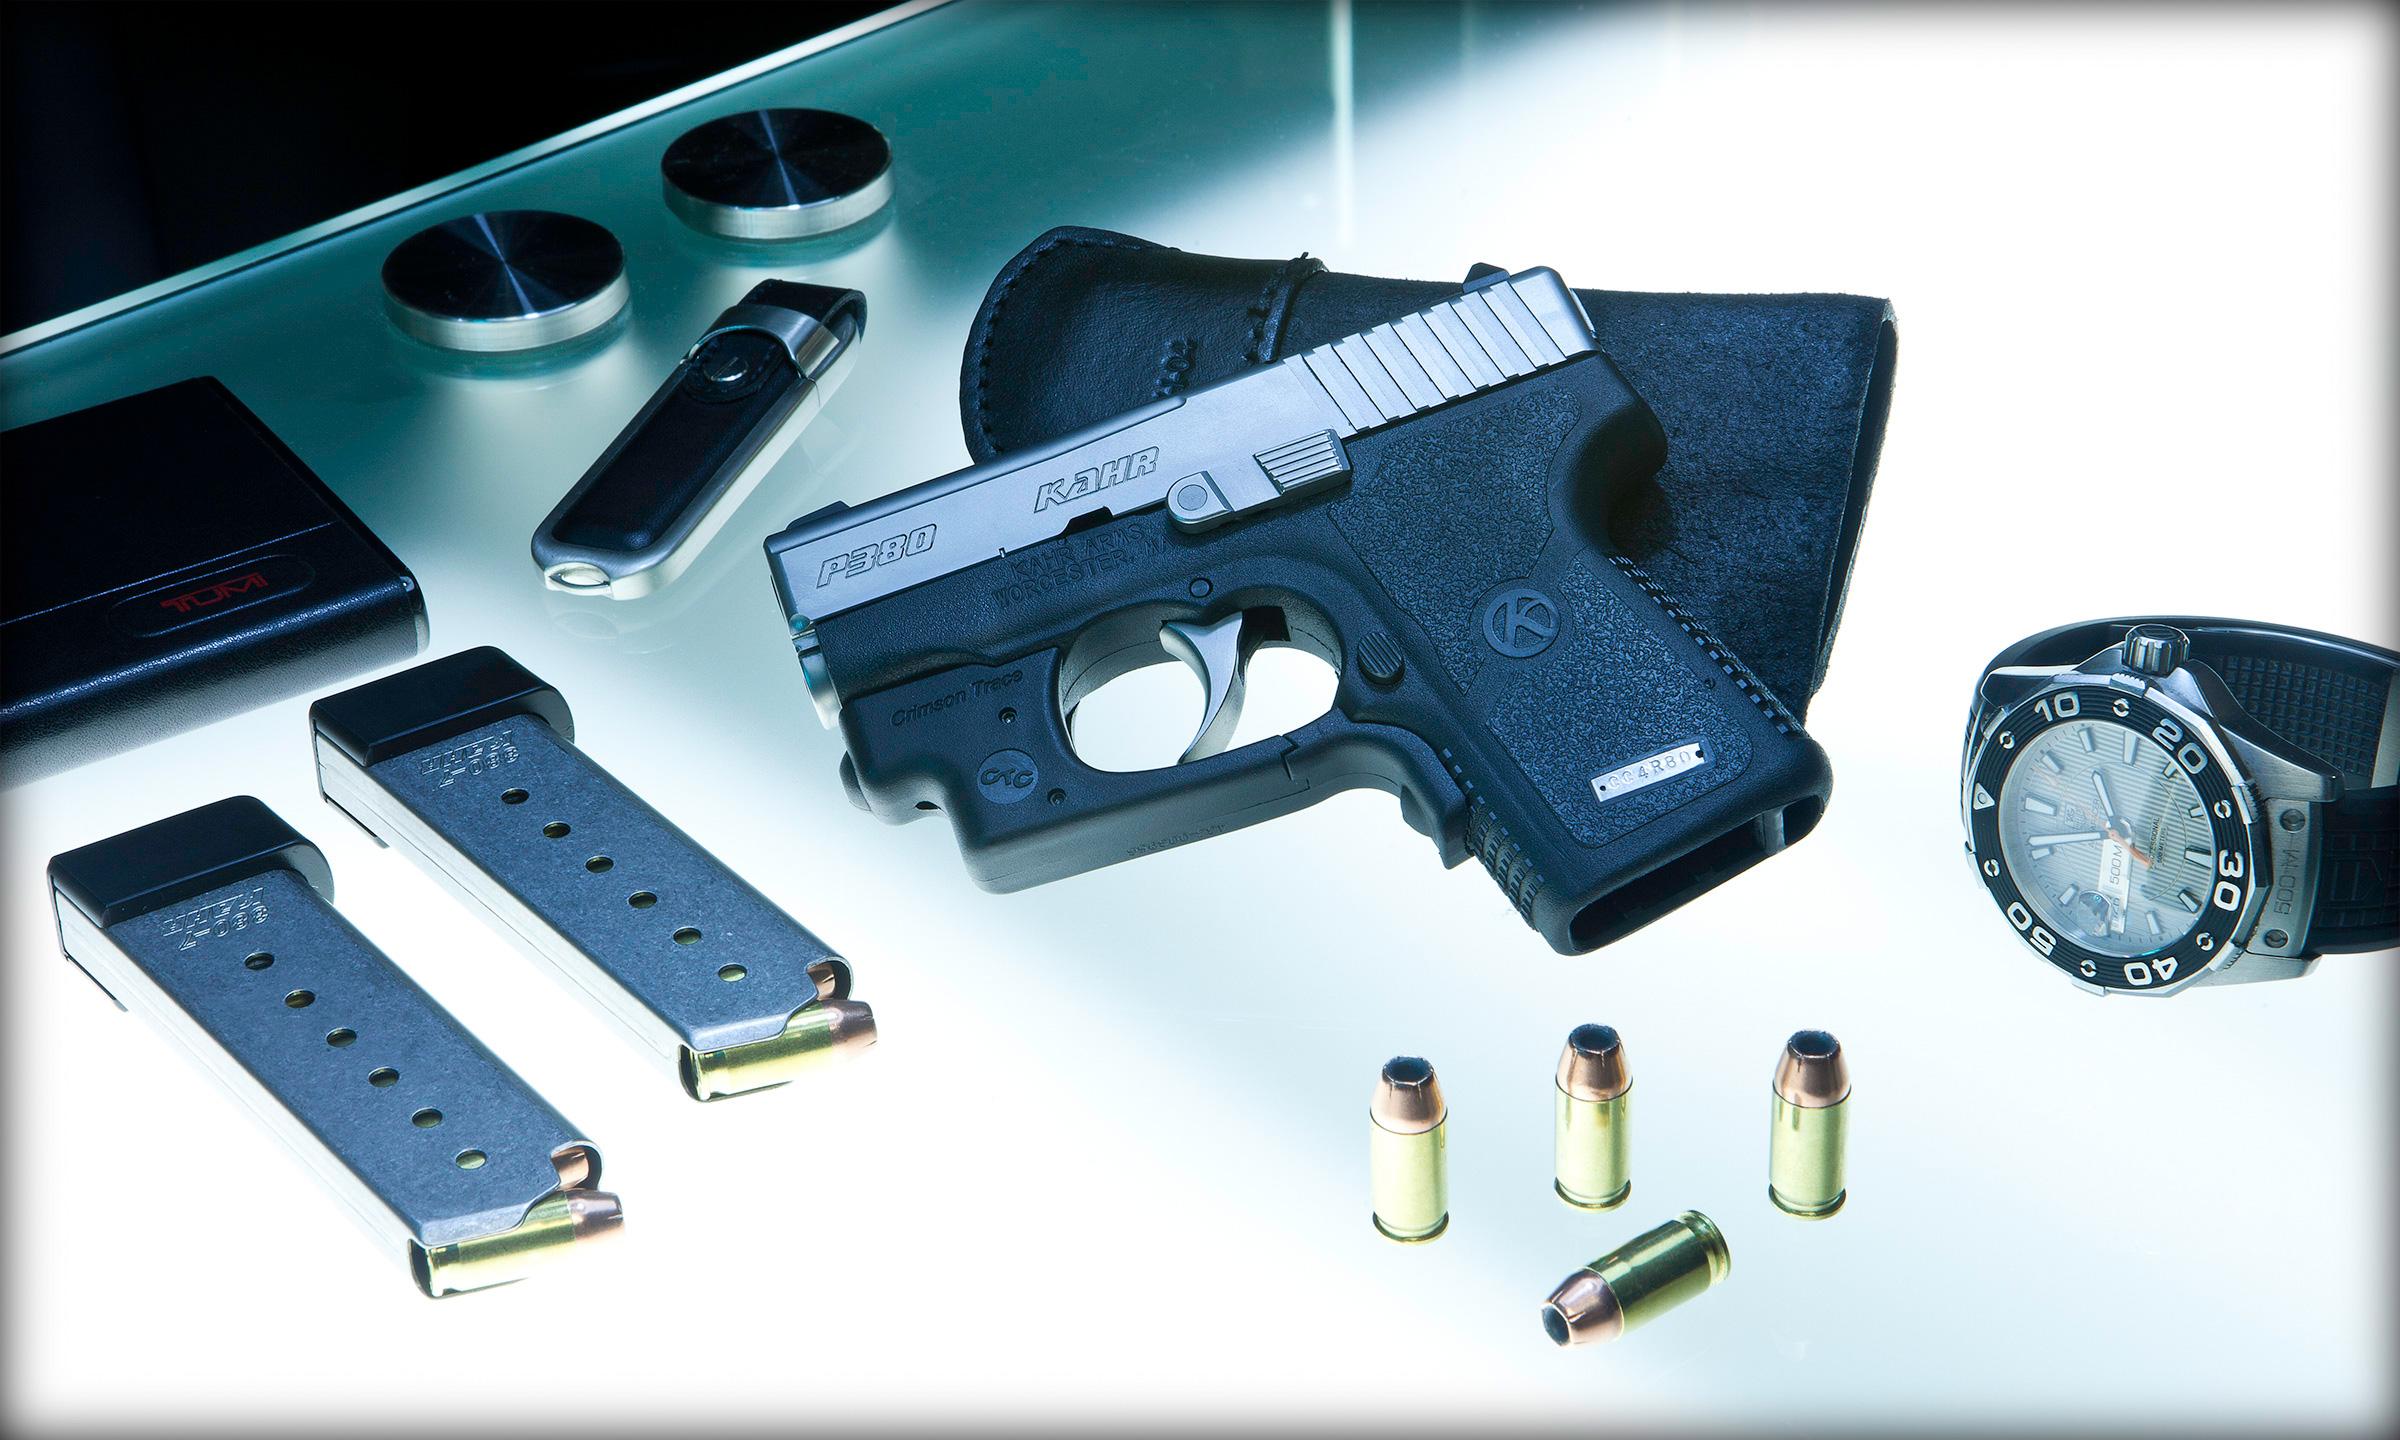 Kahr P380 pistol